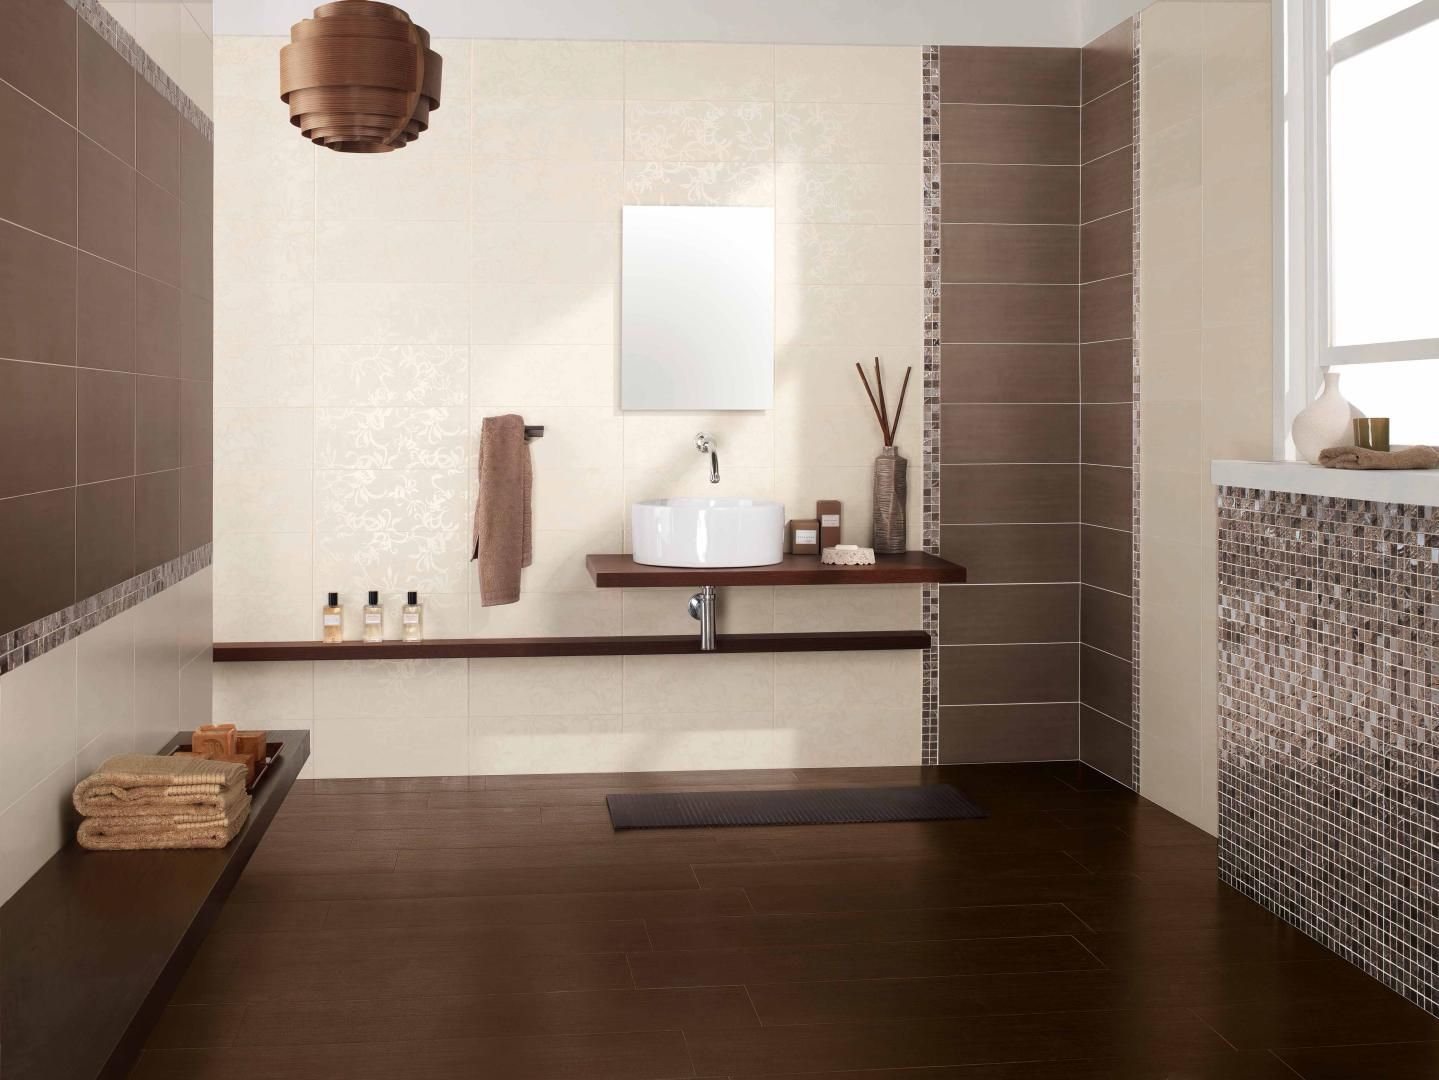 Soluzione rivestimento bagno con doccia senza mosaico ma solo in bordura cerco casa - Bagno senza rivestimento ...